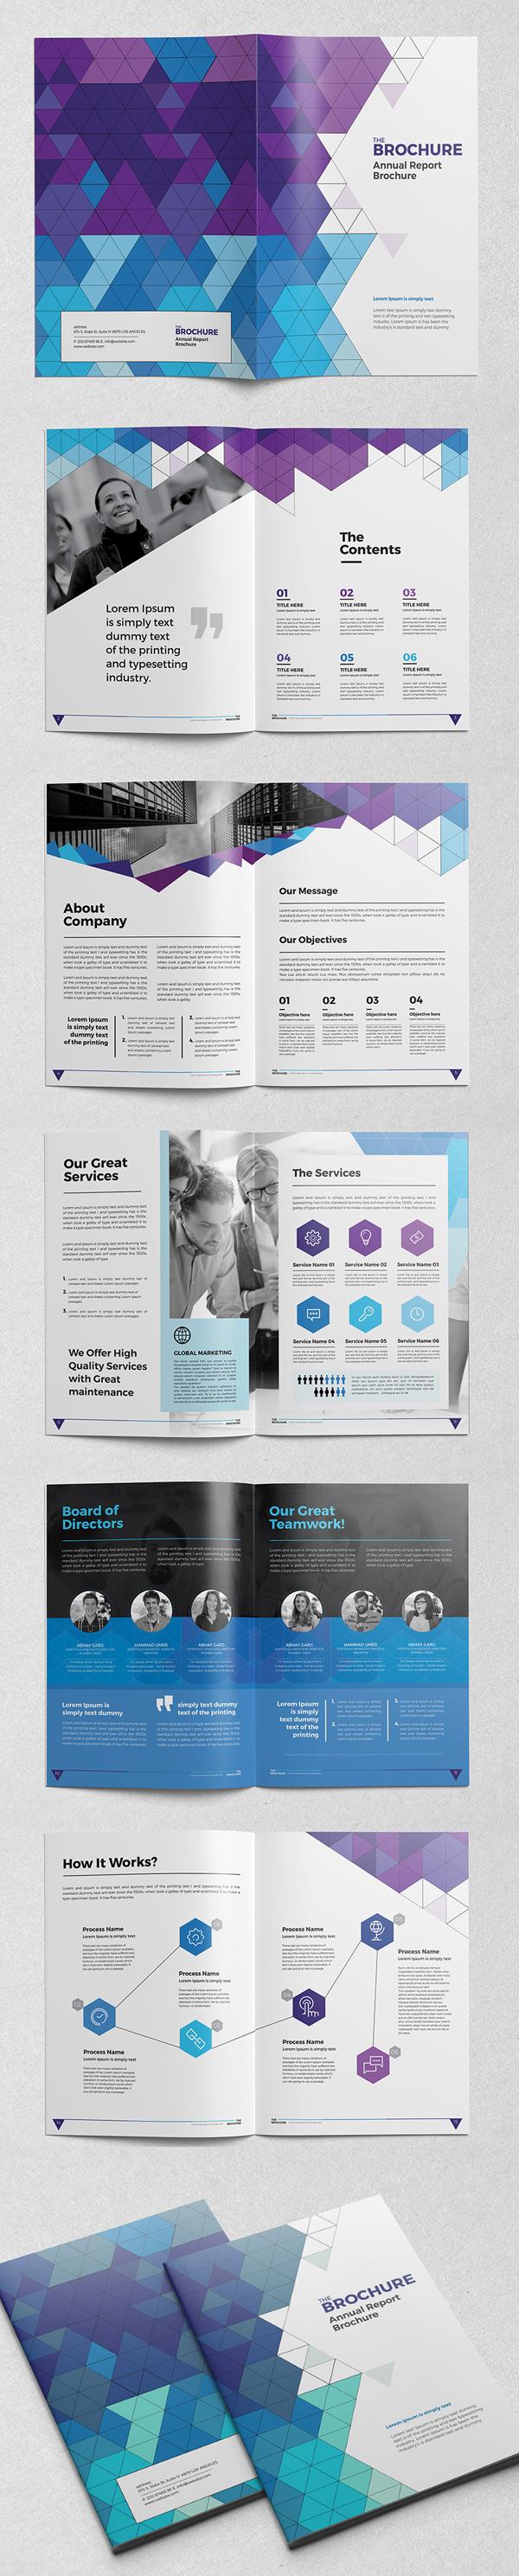 上海画册设计公司创意画册-InDesign小册子/目录设计模板